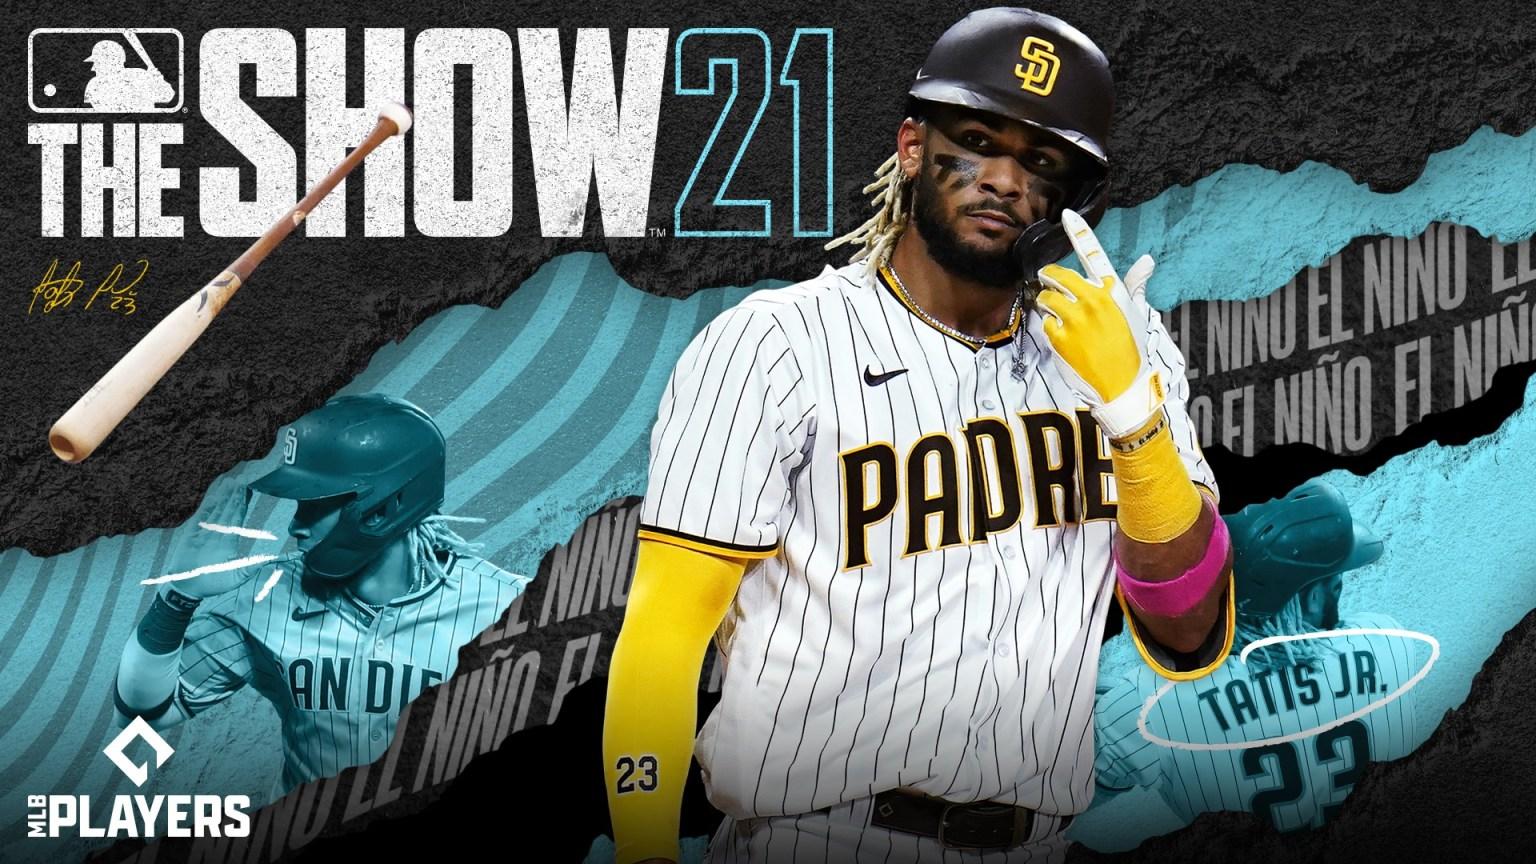 mlb the show 21 é um jogo de beisebol desenvolvido pela sony